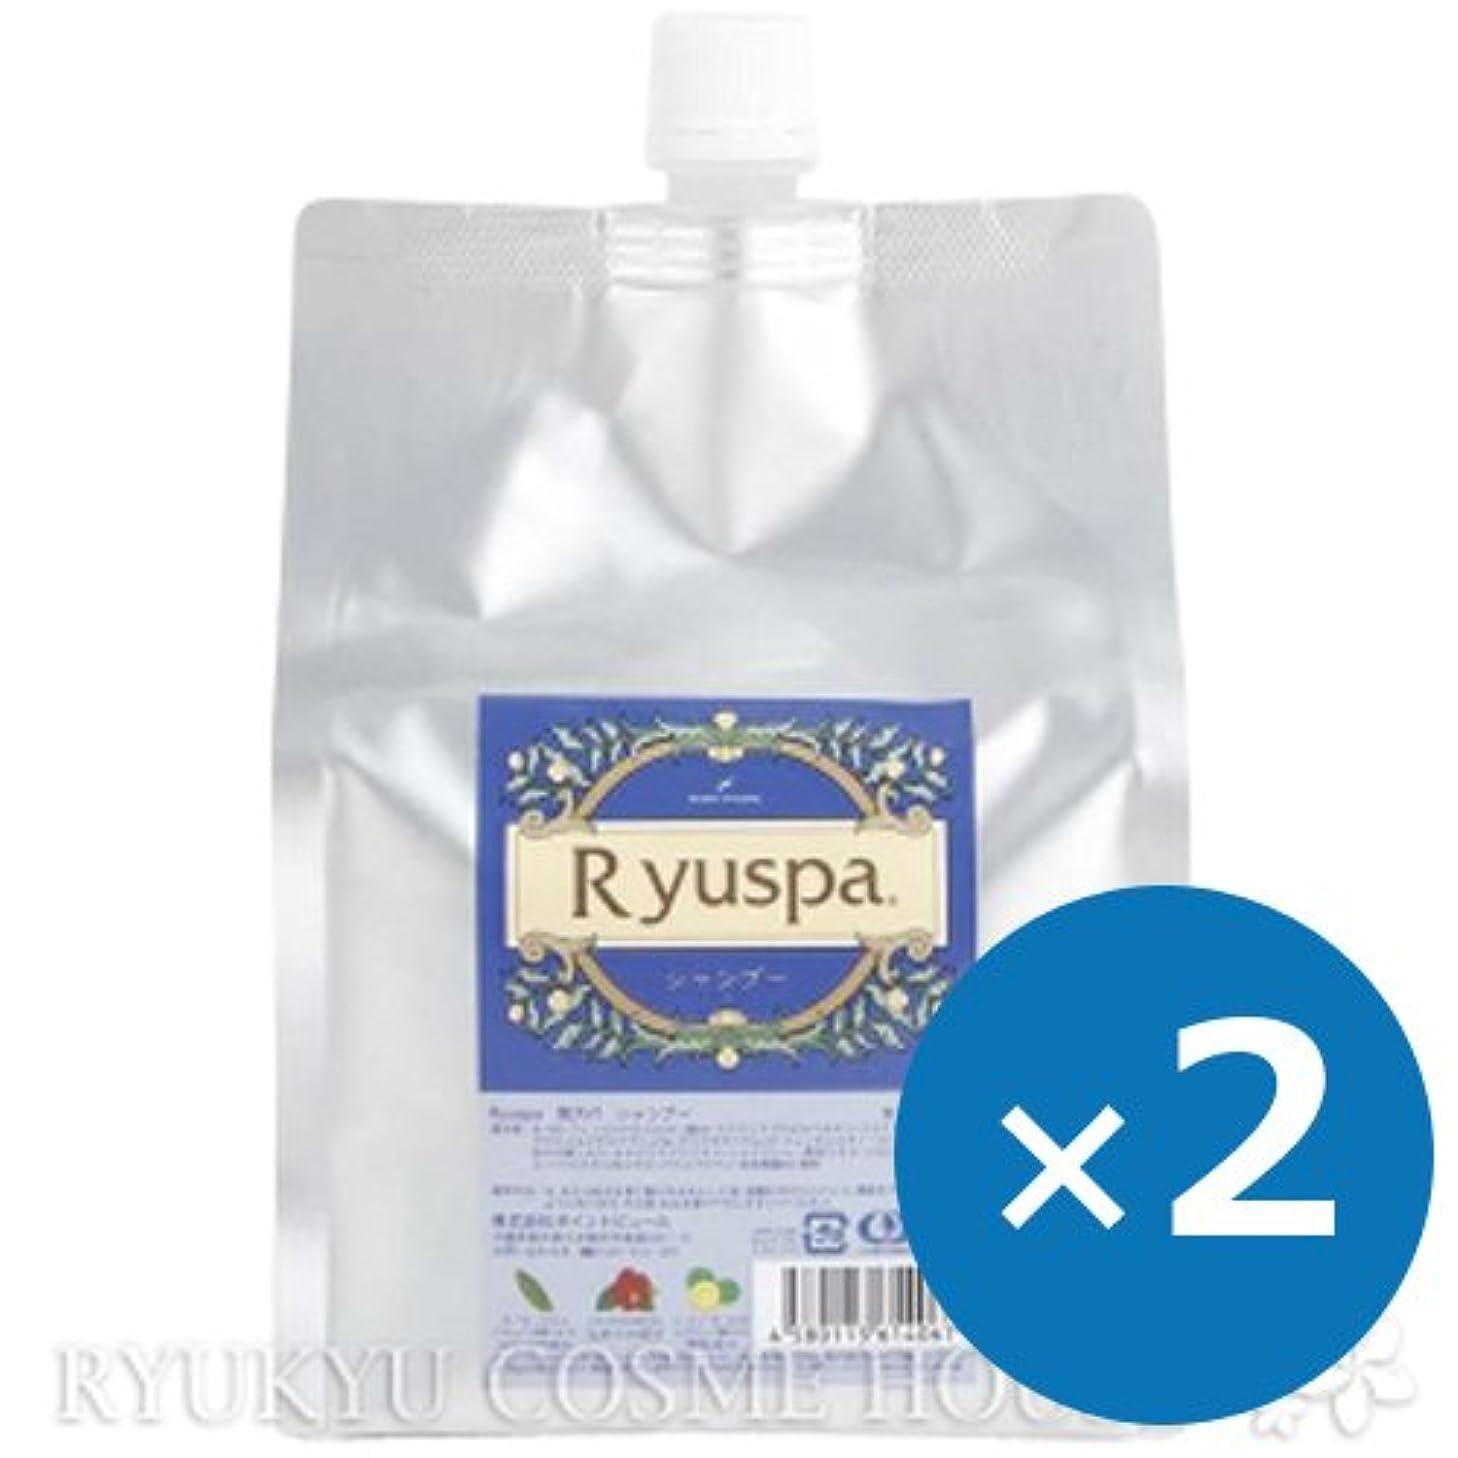 青深めるによるとRyuspa リュウスパ シャンプー 詰め替え用 1000ml×2個